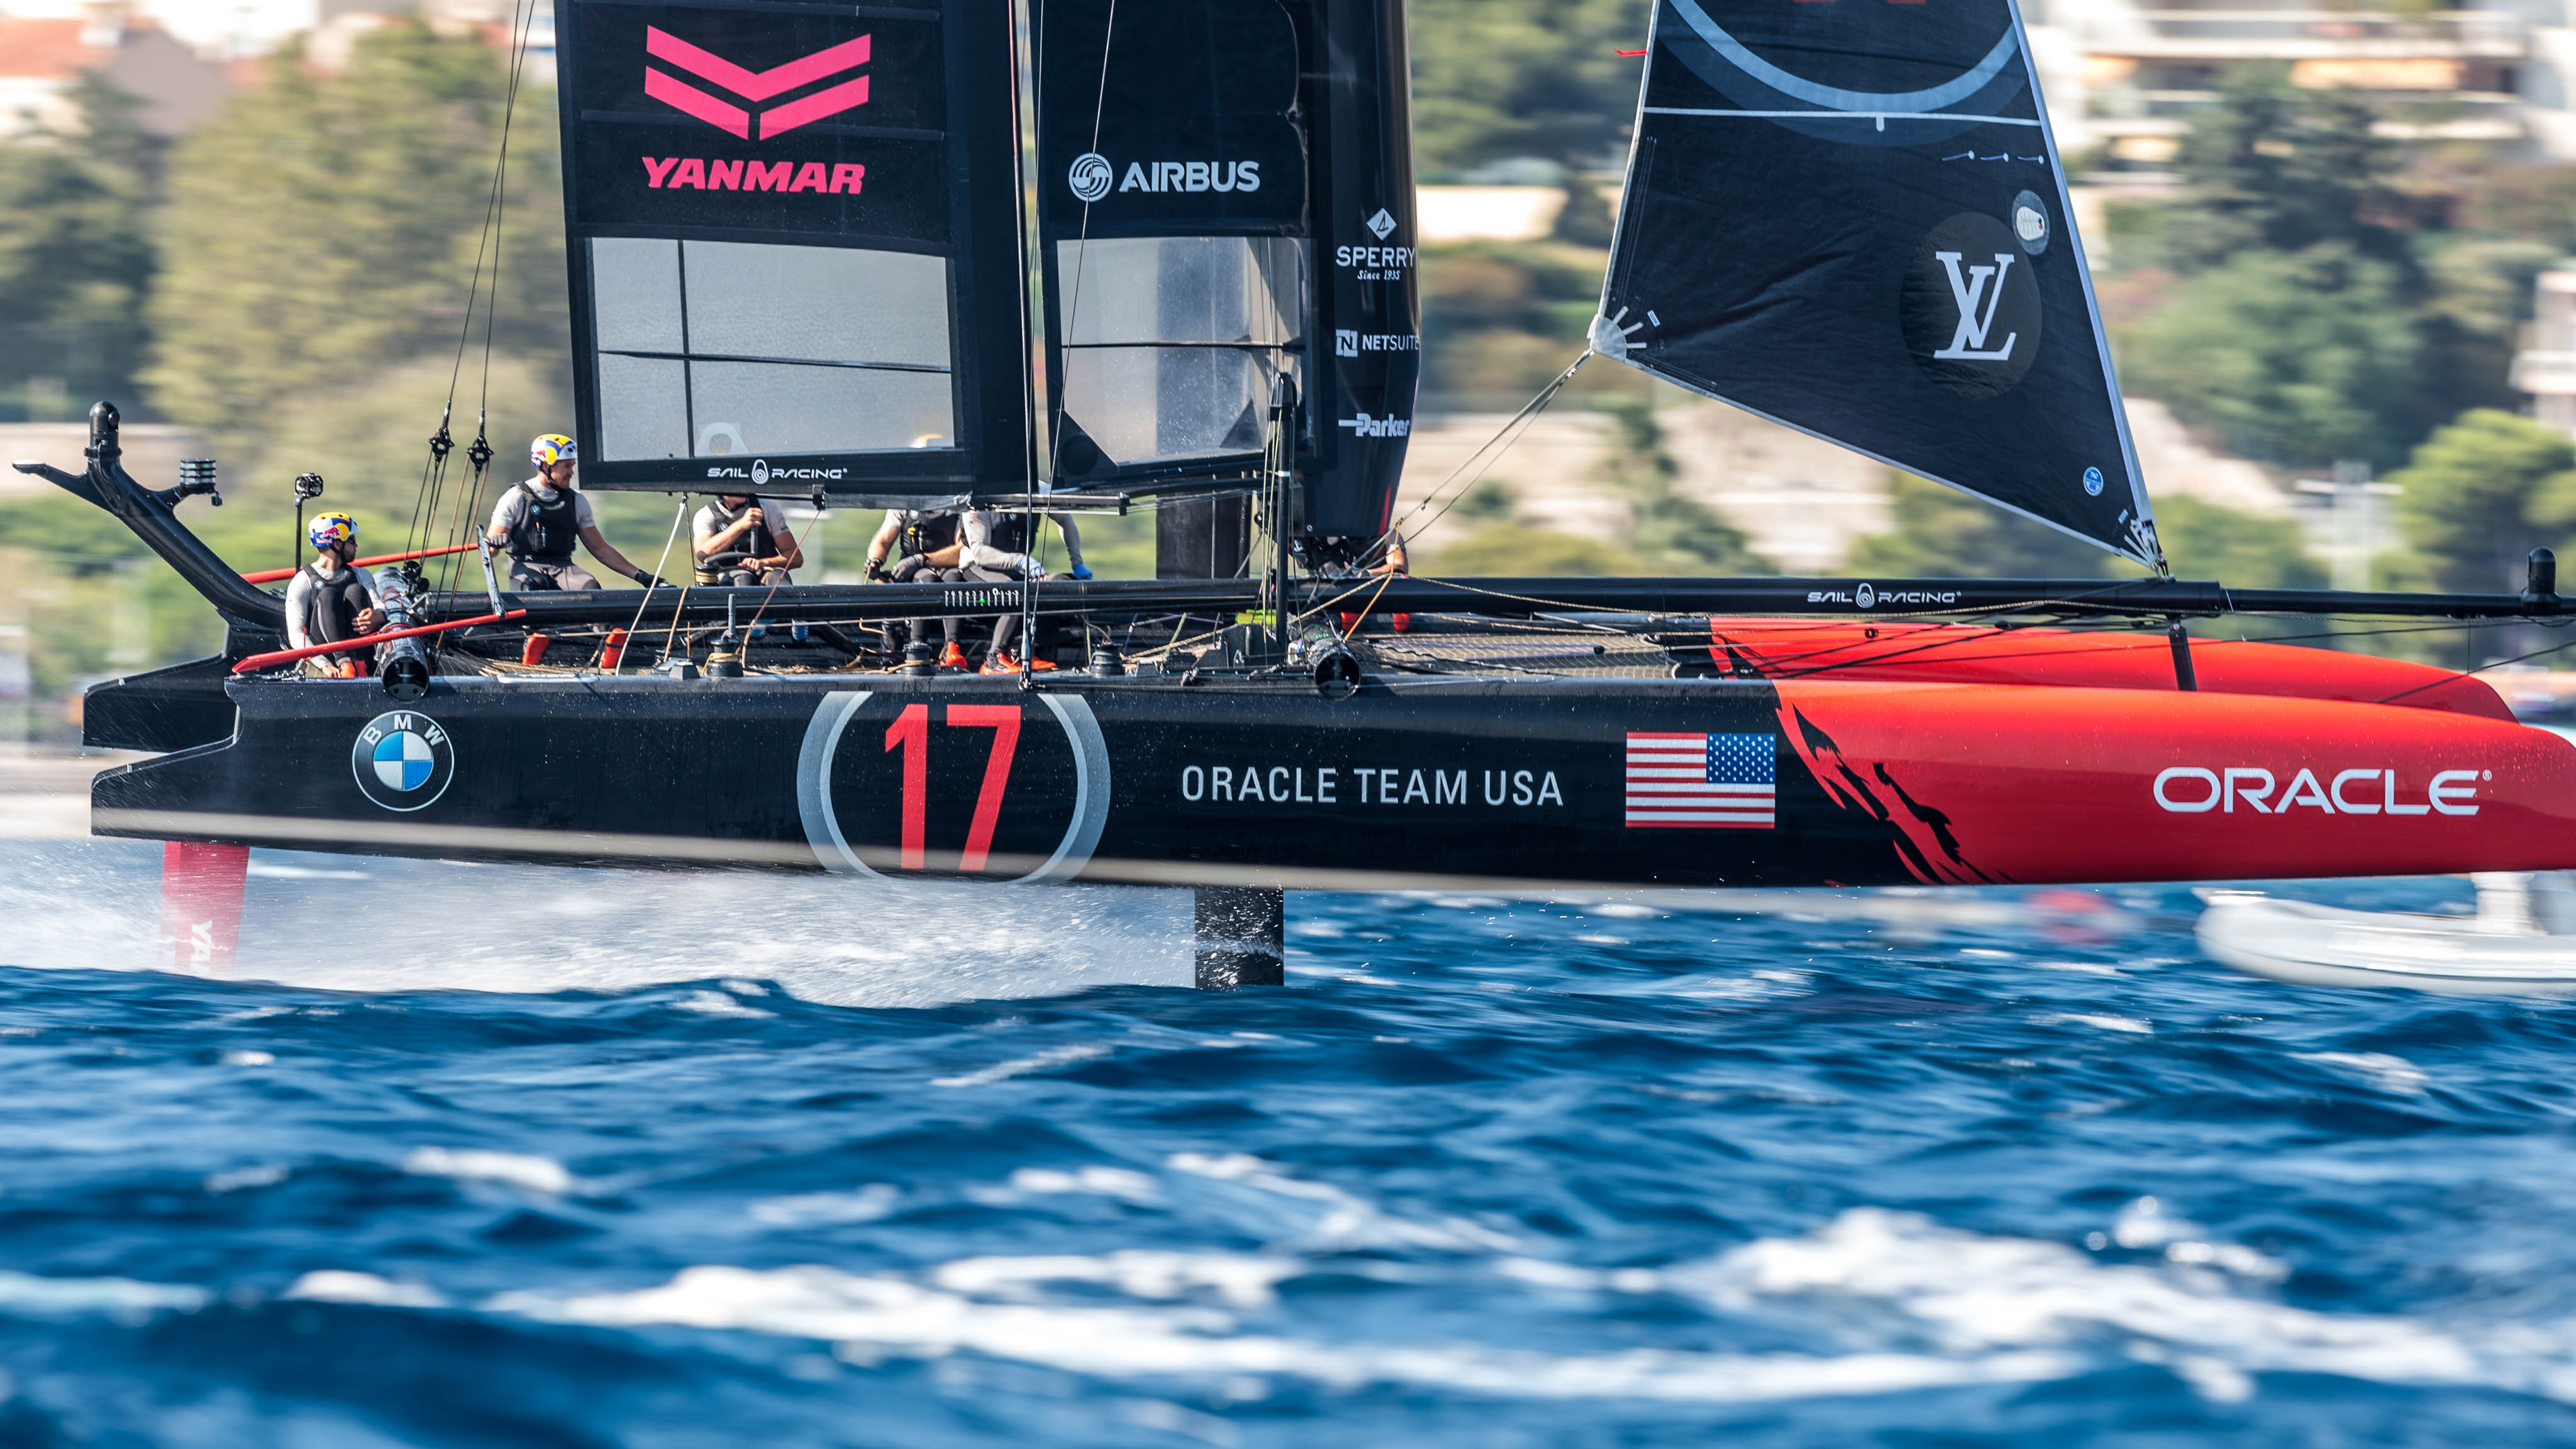 風帆格調結合雋永賽事 沛納海美洲盃帆船賽特別版腕錶倍顯精采